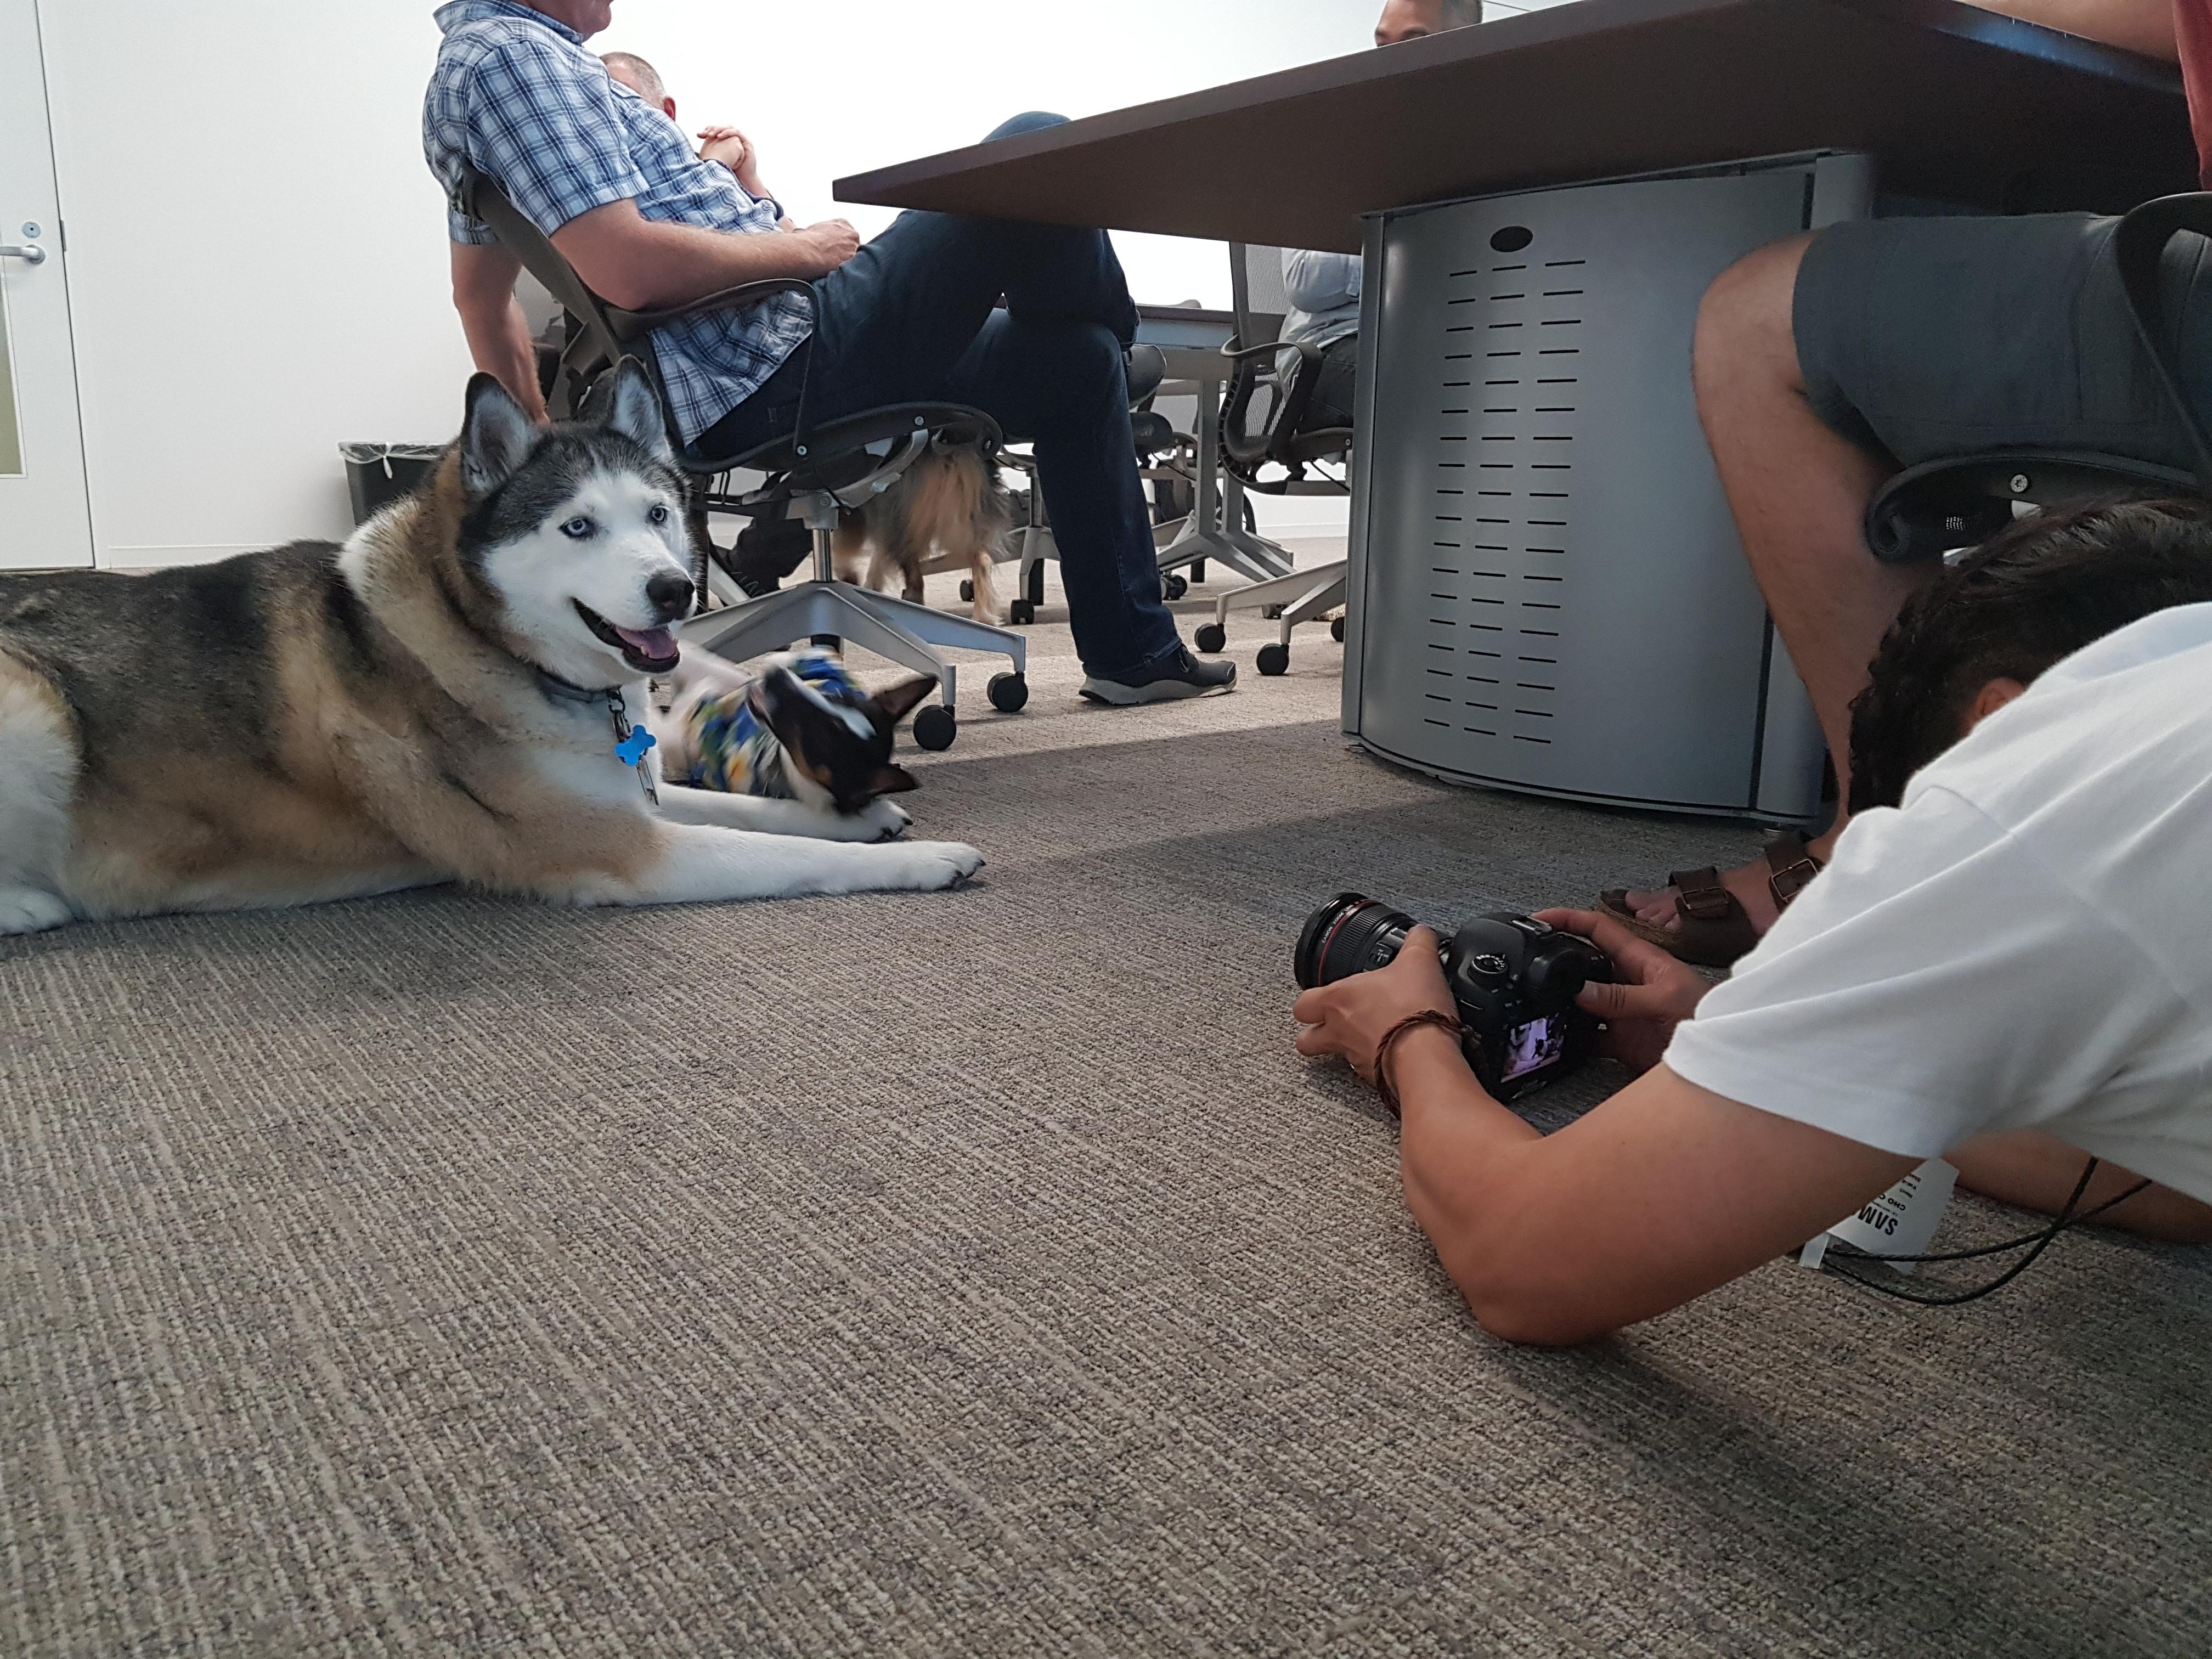 사무실 안에 앉아 있는 개 촬영 중